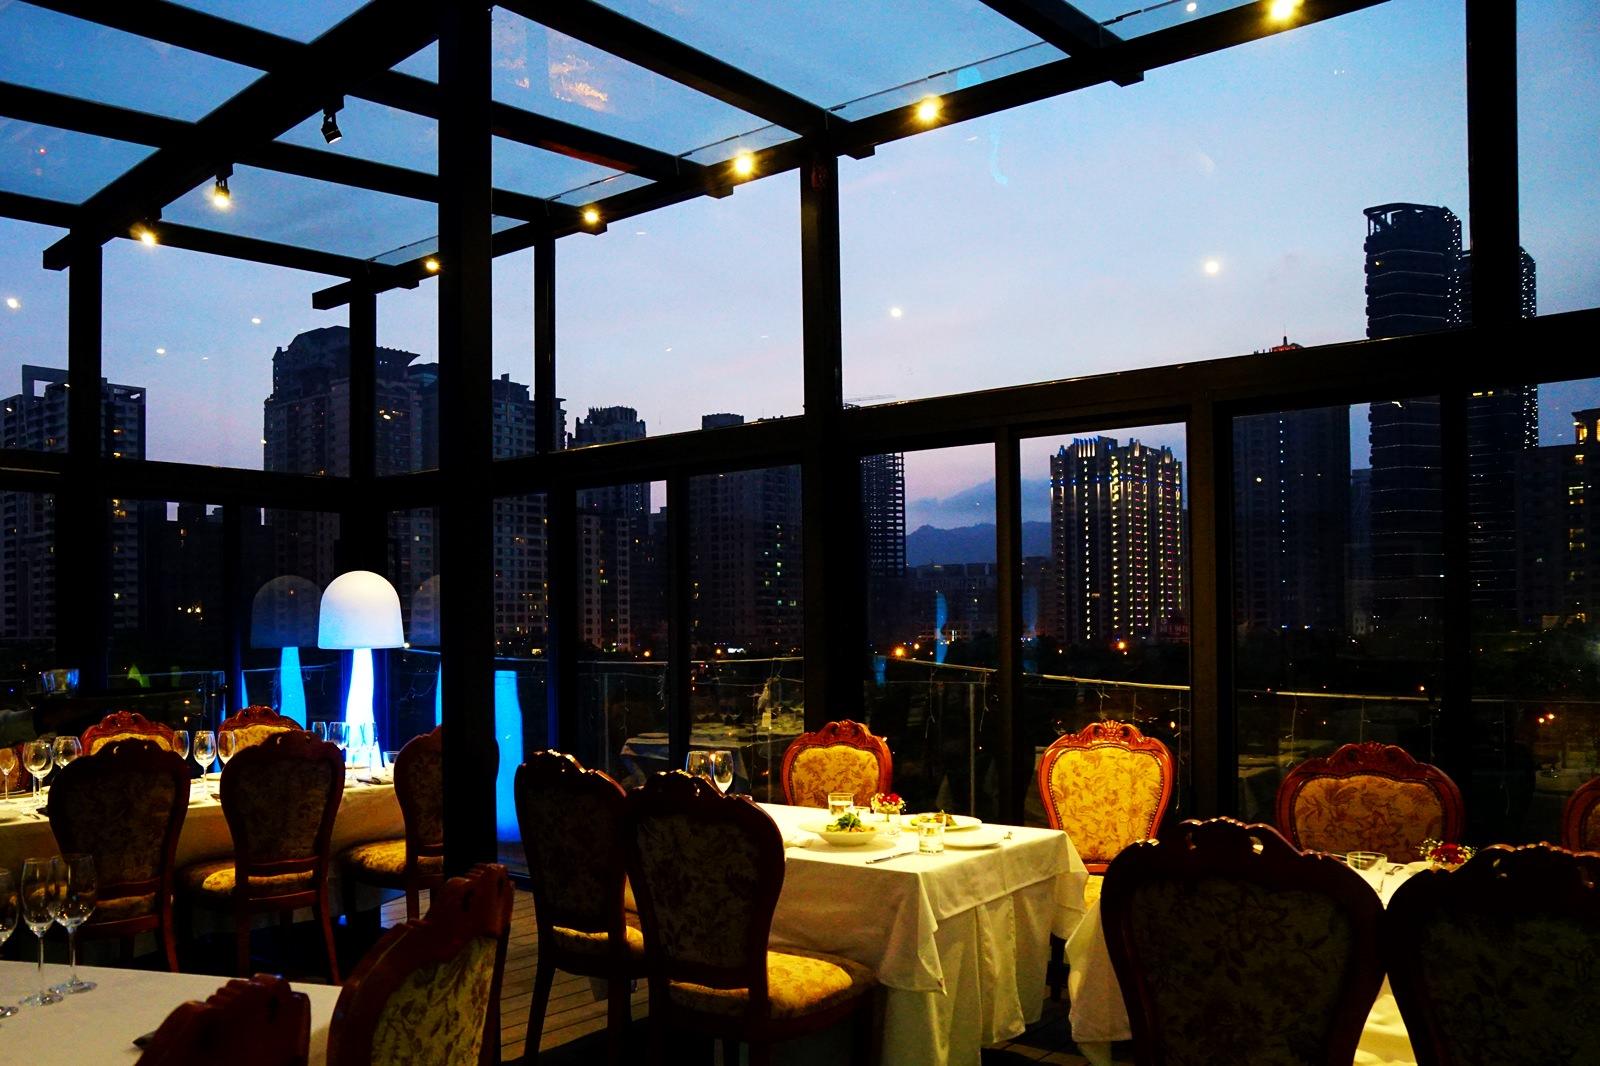 [高雄]Eagle義來藝去義法餐廳-浪漫玻璃屋星光餐廳! 高質感義法料理 2016米其林餐會隆重登場 高雄約會餐廳推薦